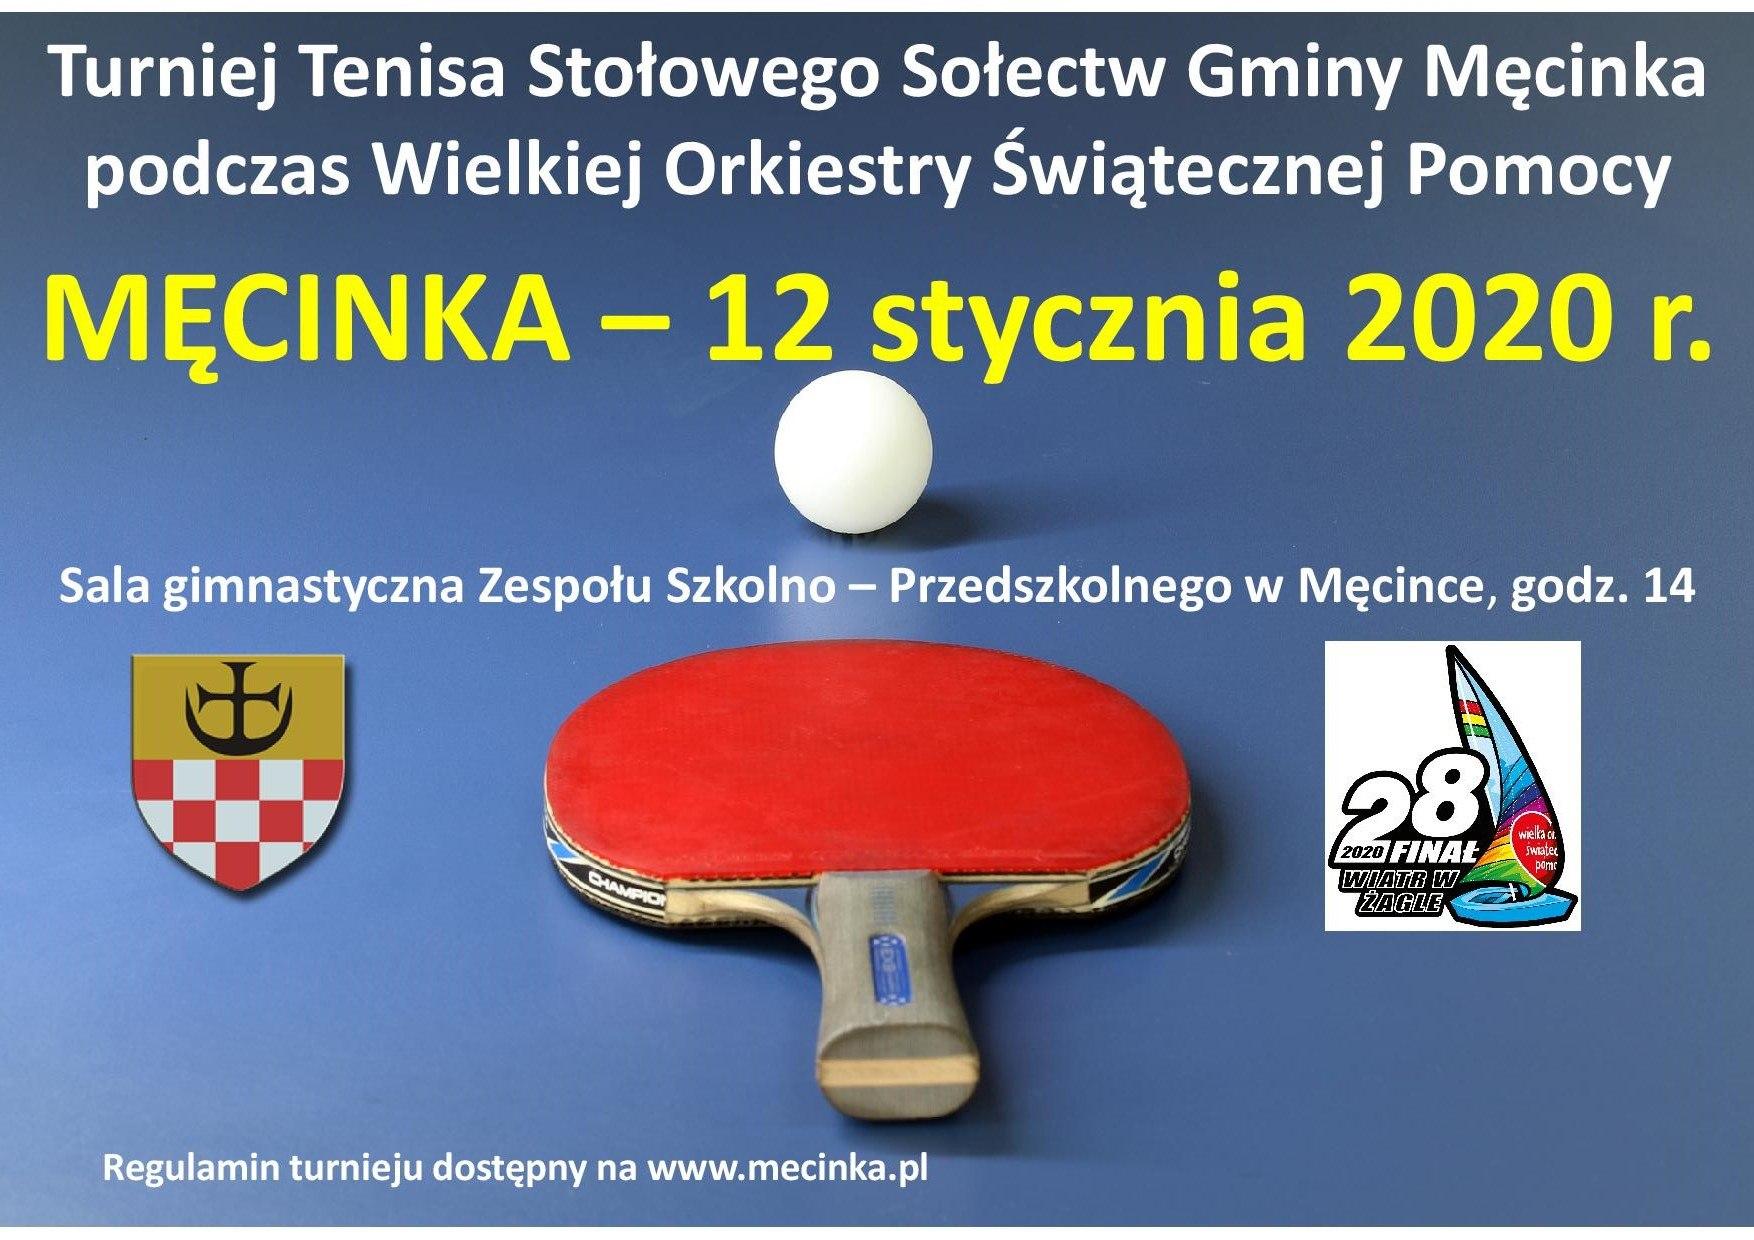 Plakat turnieju TURNIEJ TENISA STOŁOWEGO SOŁECTW GMINY MĘCINKA podczas WOŚP